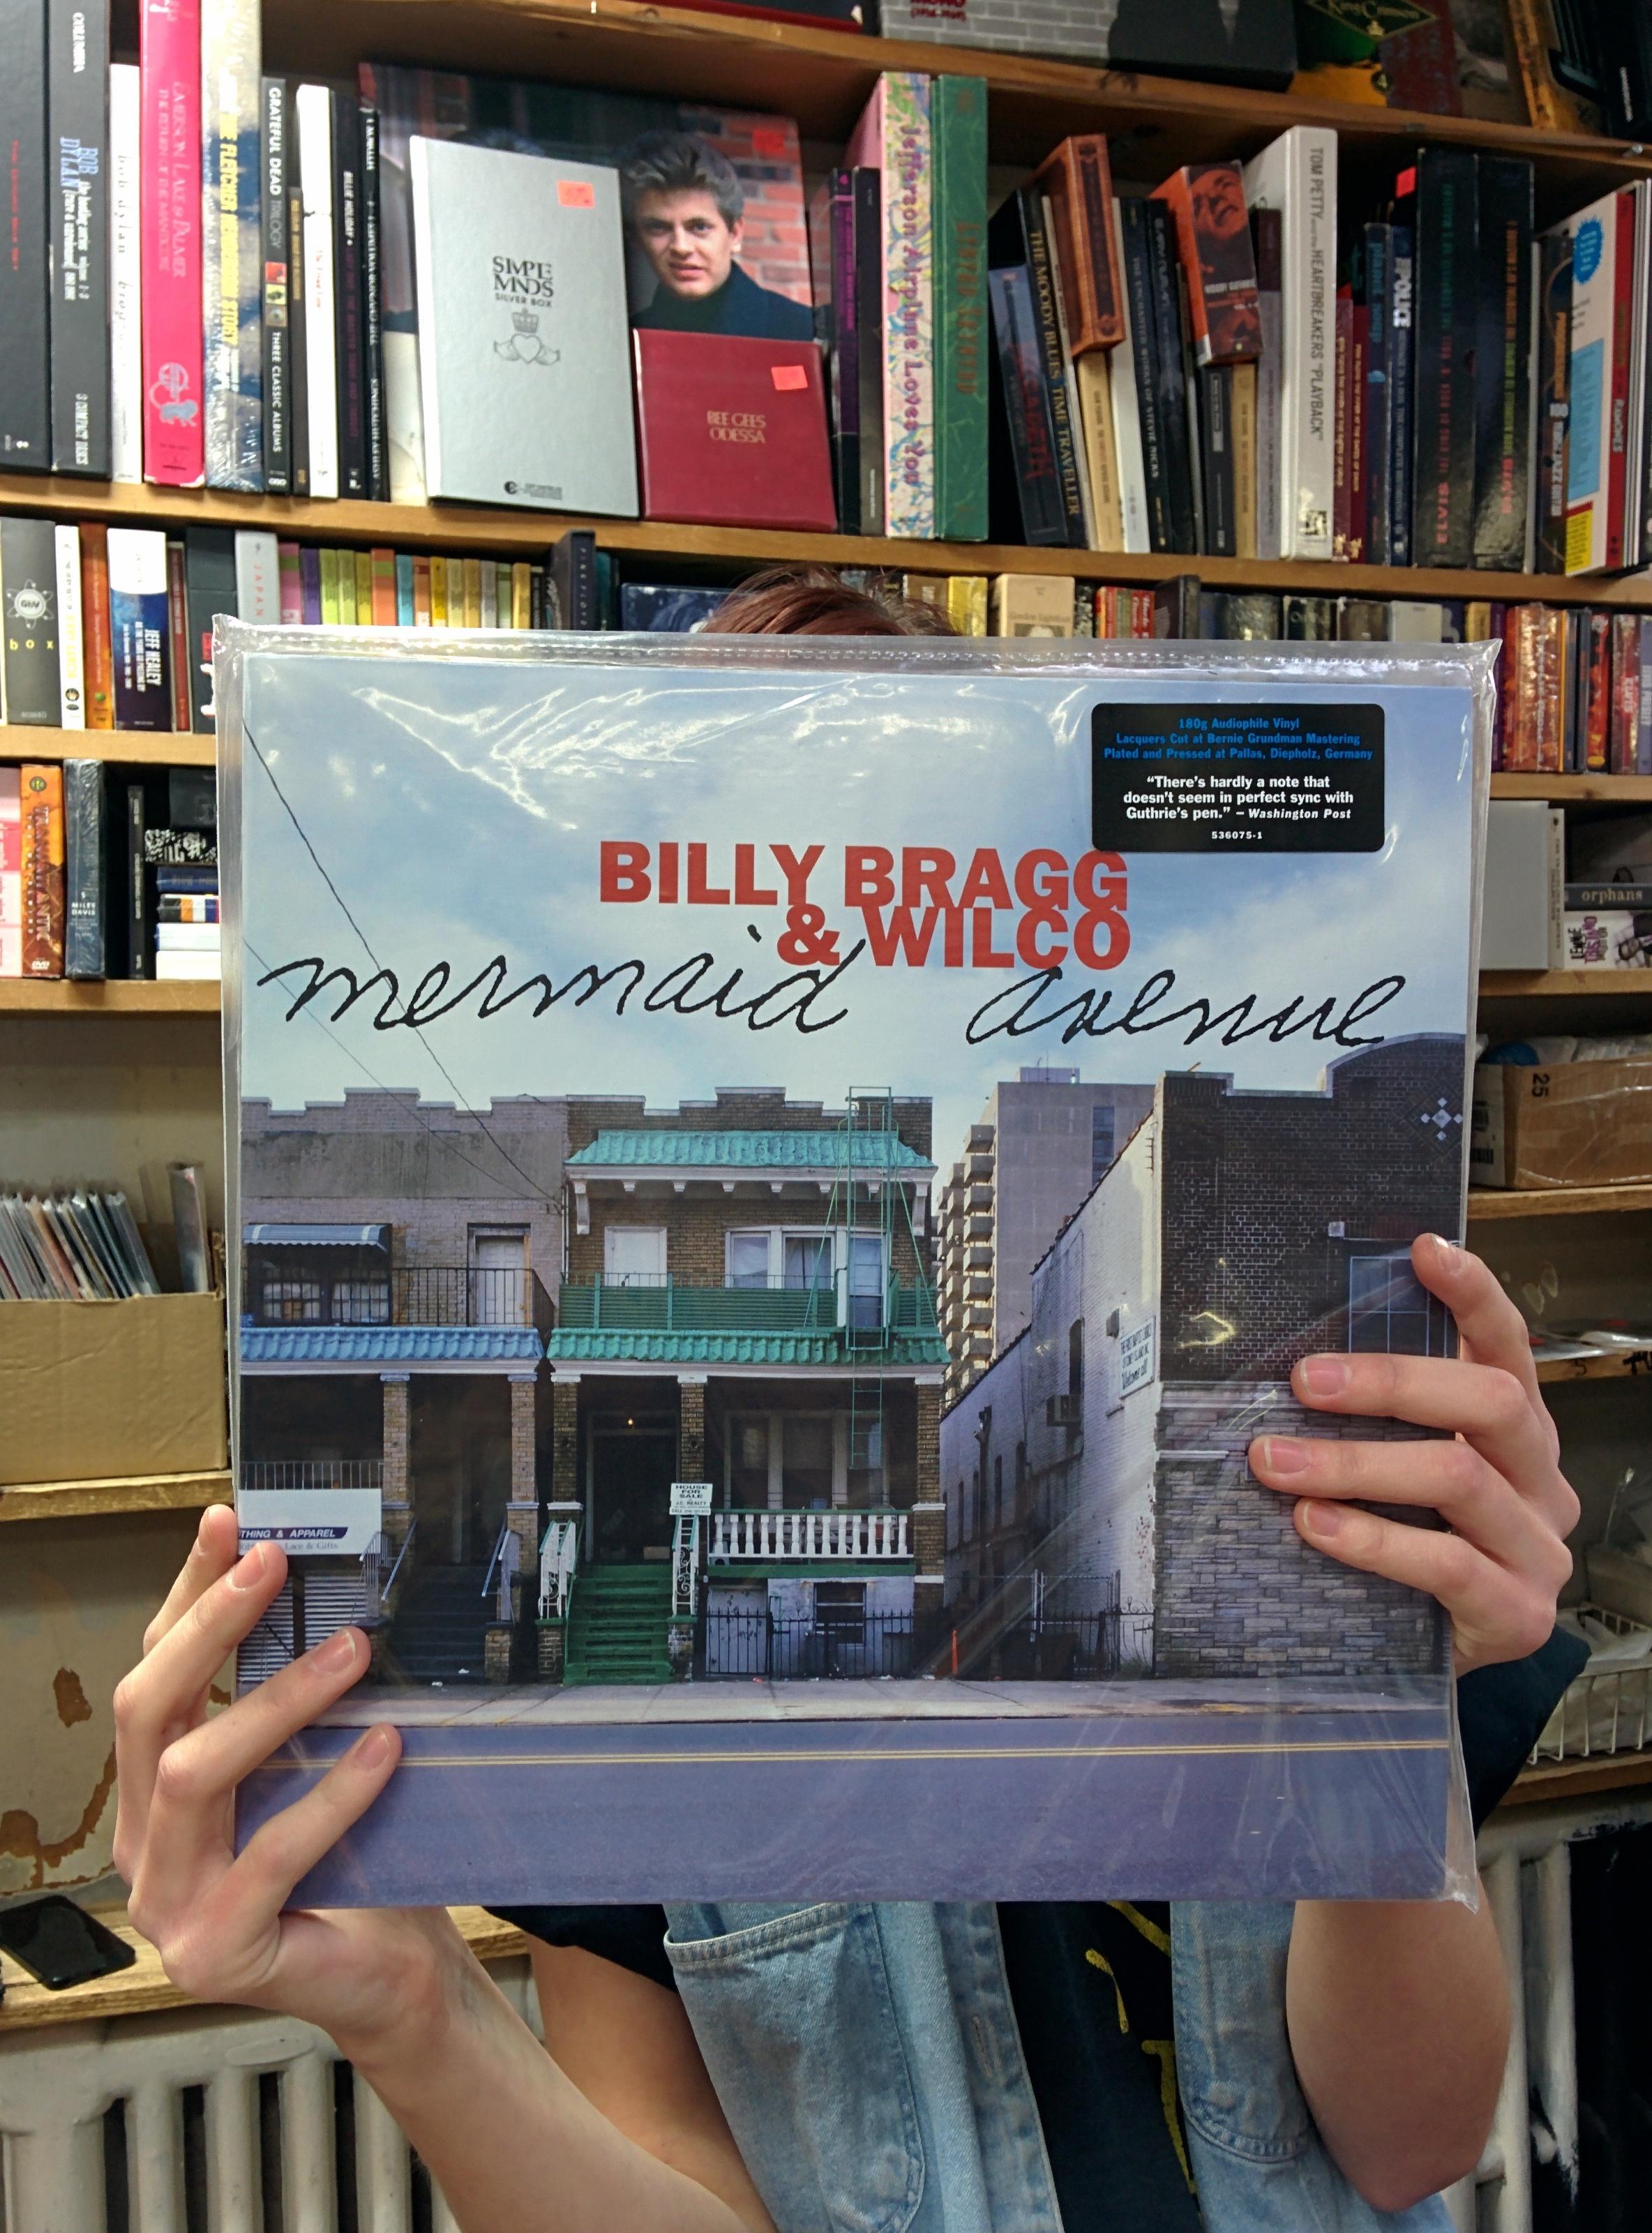 Billy Bragg & Wilco - $39.99